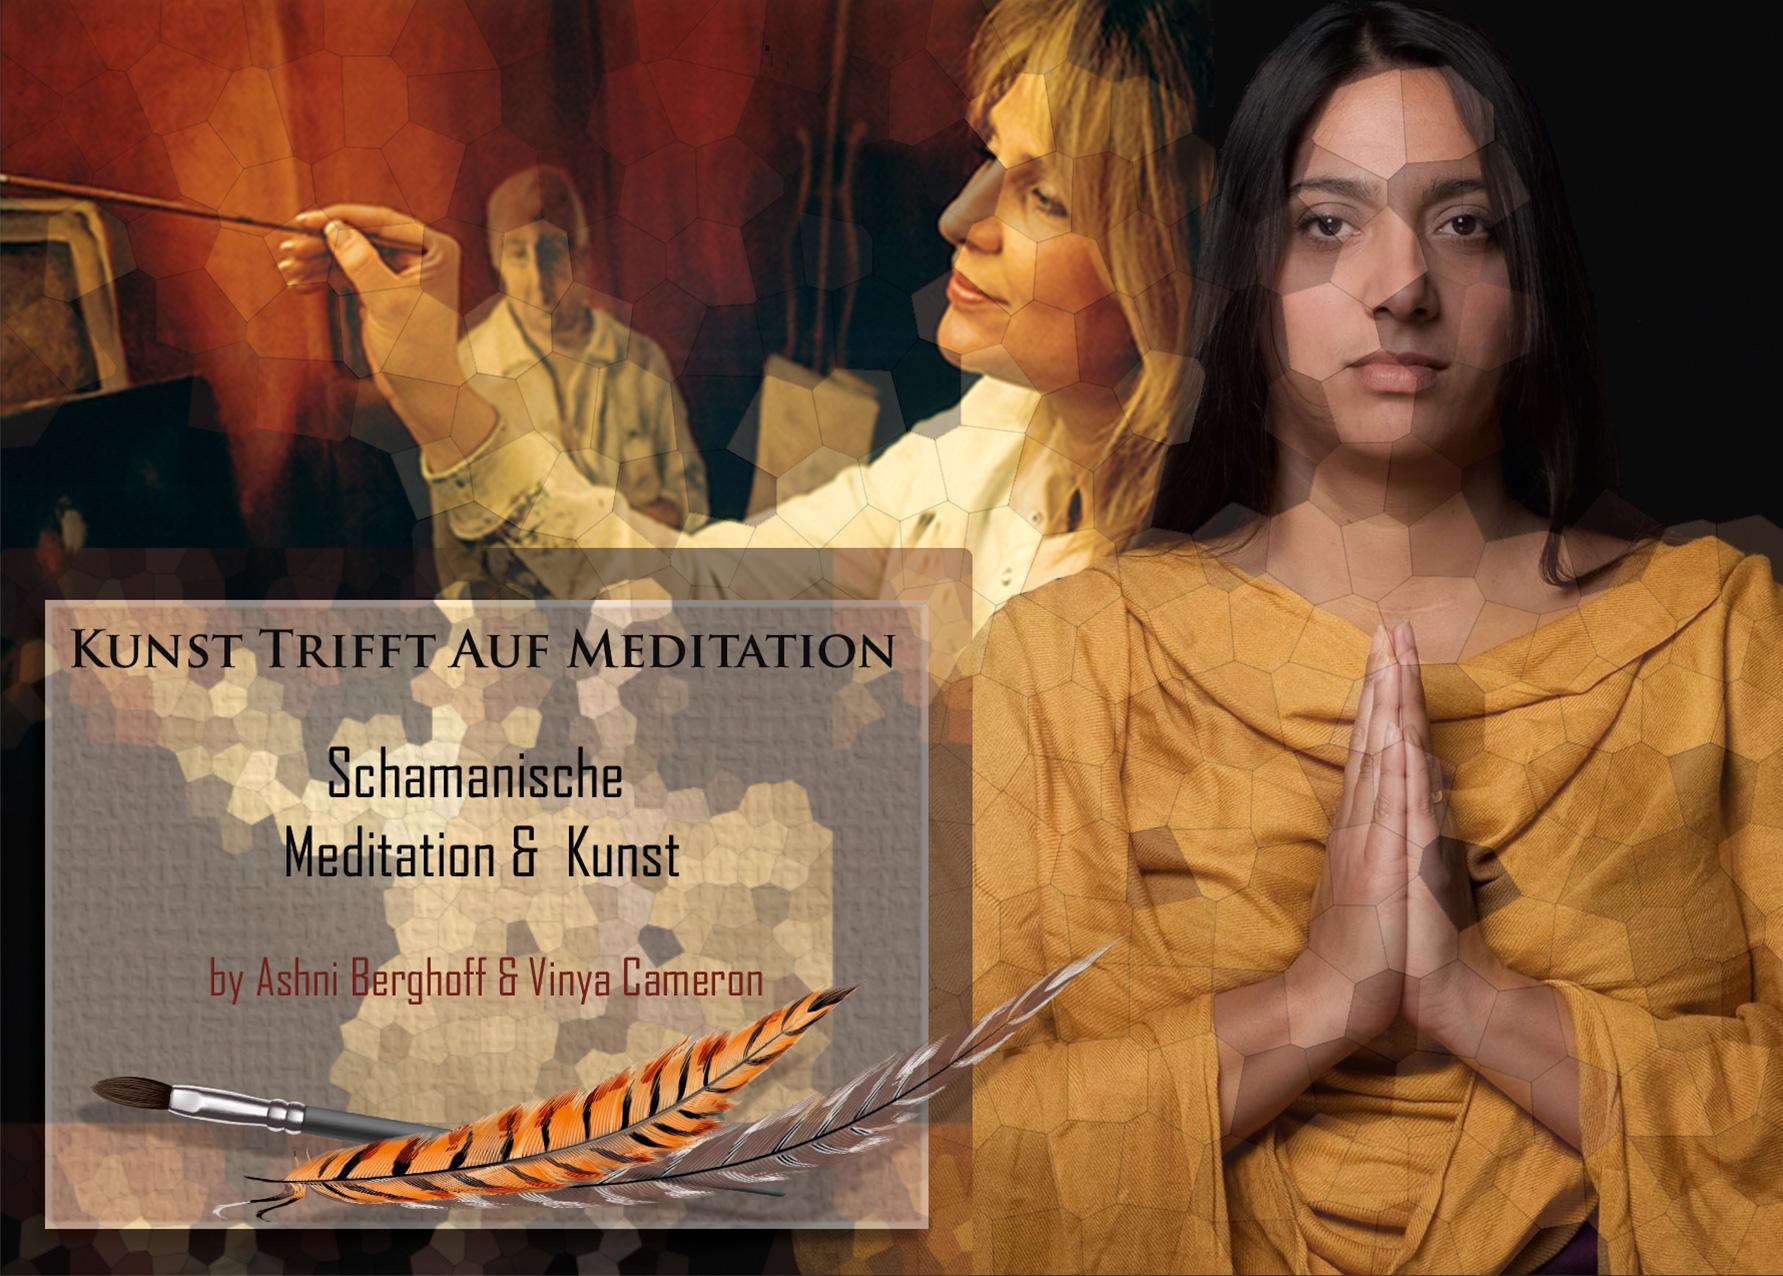 Kunst trifft auf Meditation, 12.03.2017 im Nippeser Salon, Köln